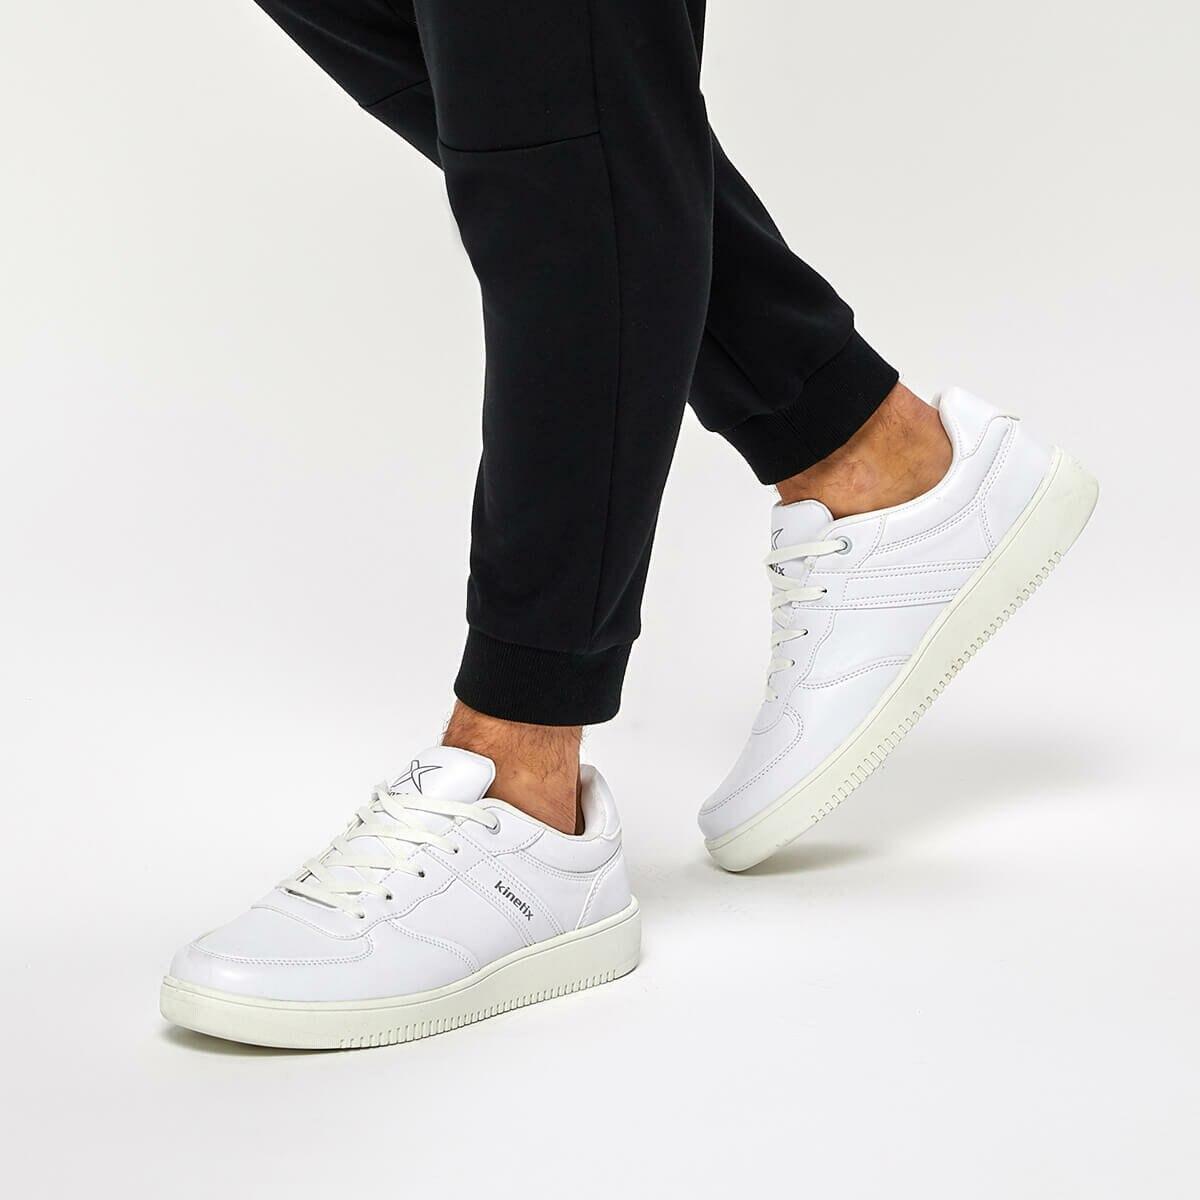 FLO FORTER M White Men 'S Sneaker Shoes KINETIX